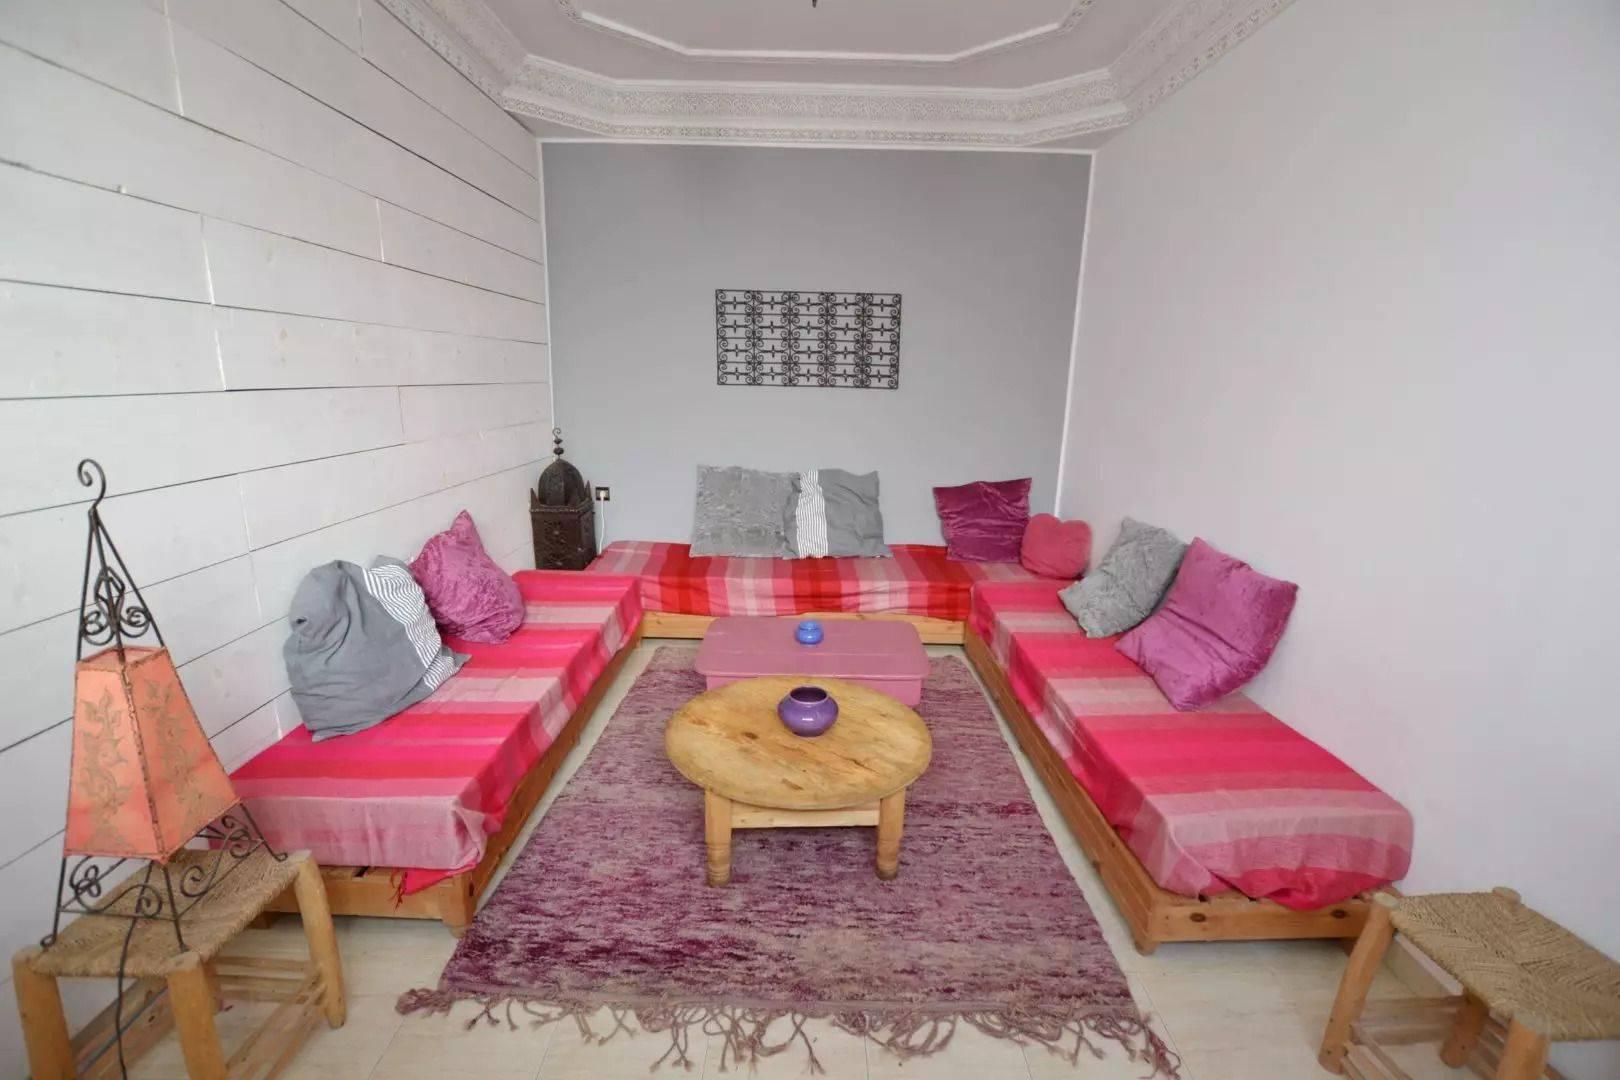 Vente - Appartement - Nouvelle-Ville - 71 m² - 57000 € - Essaouira - 8668